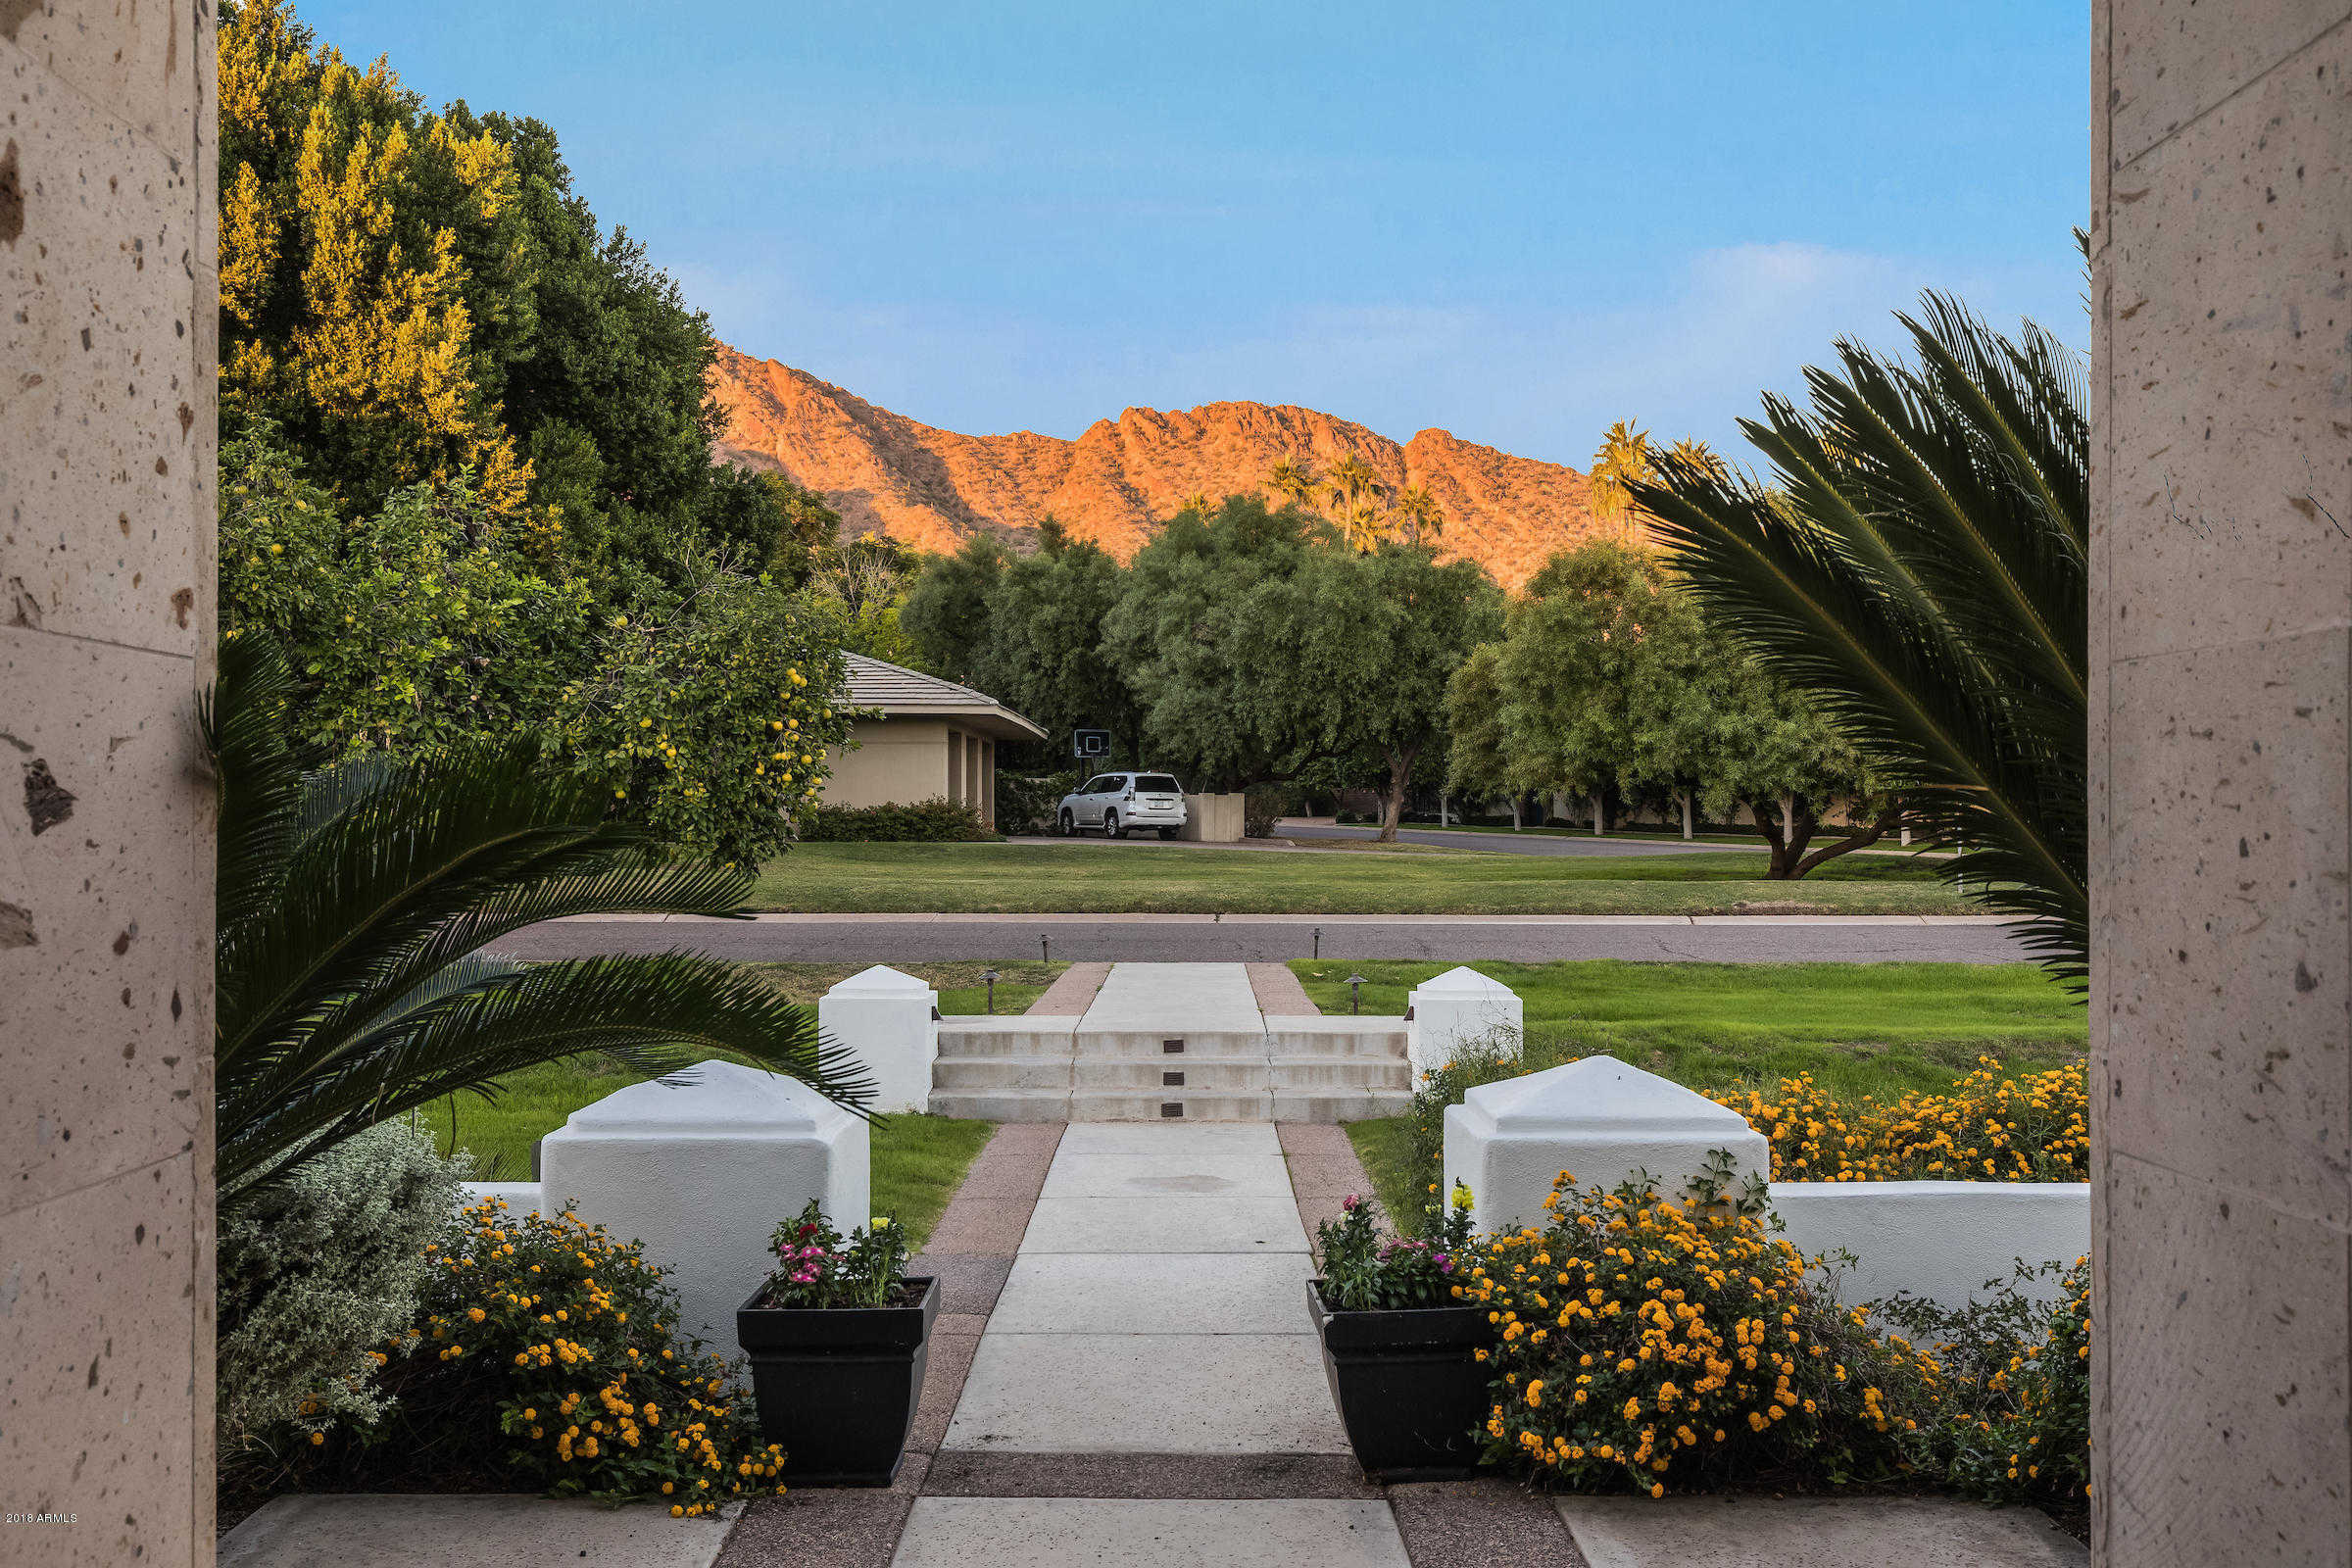 $2,550,000 - 5Br/5Ba - Home for Sale in Del Ray Estates 5, Phoenix